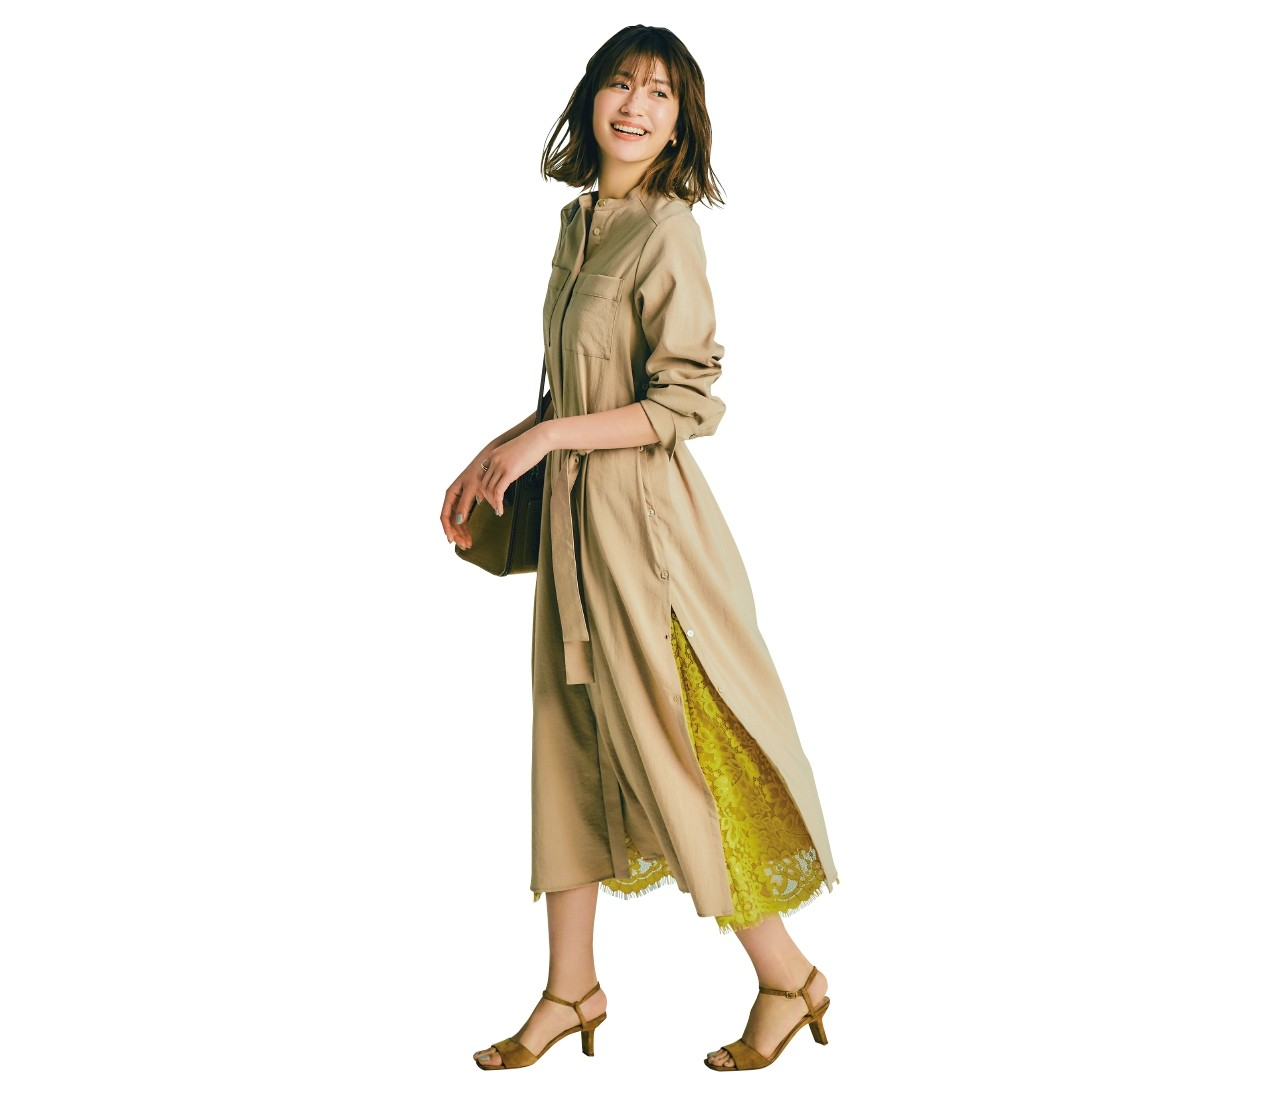 〈お得2way服〉なら組み合わせてもバラしても可愛い春コーデが完成